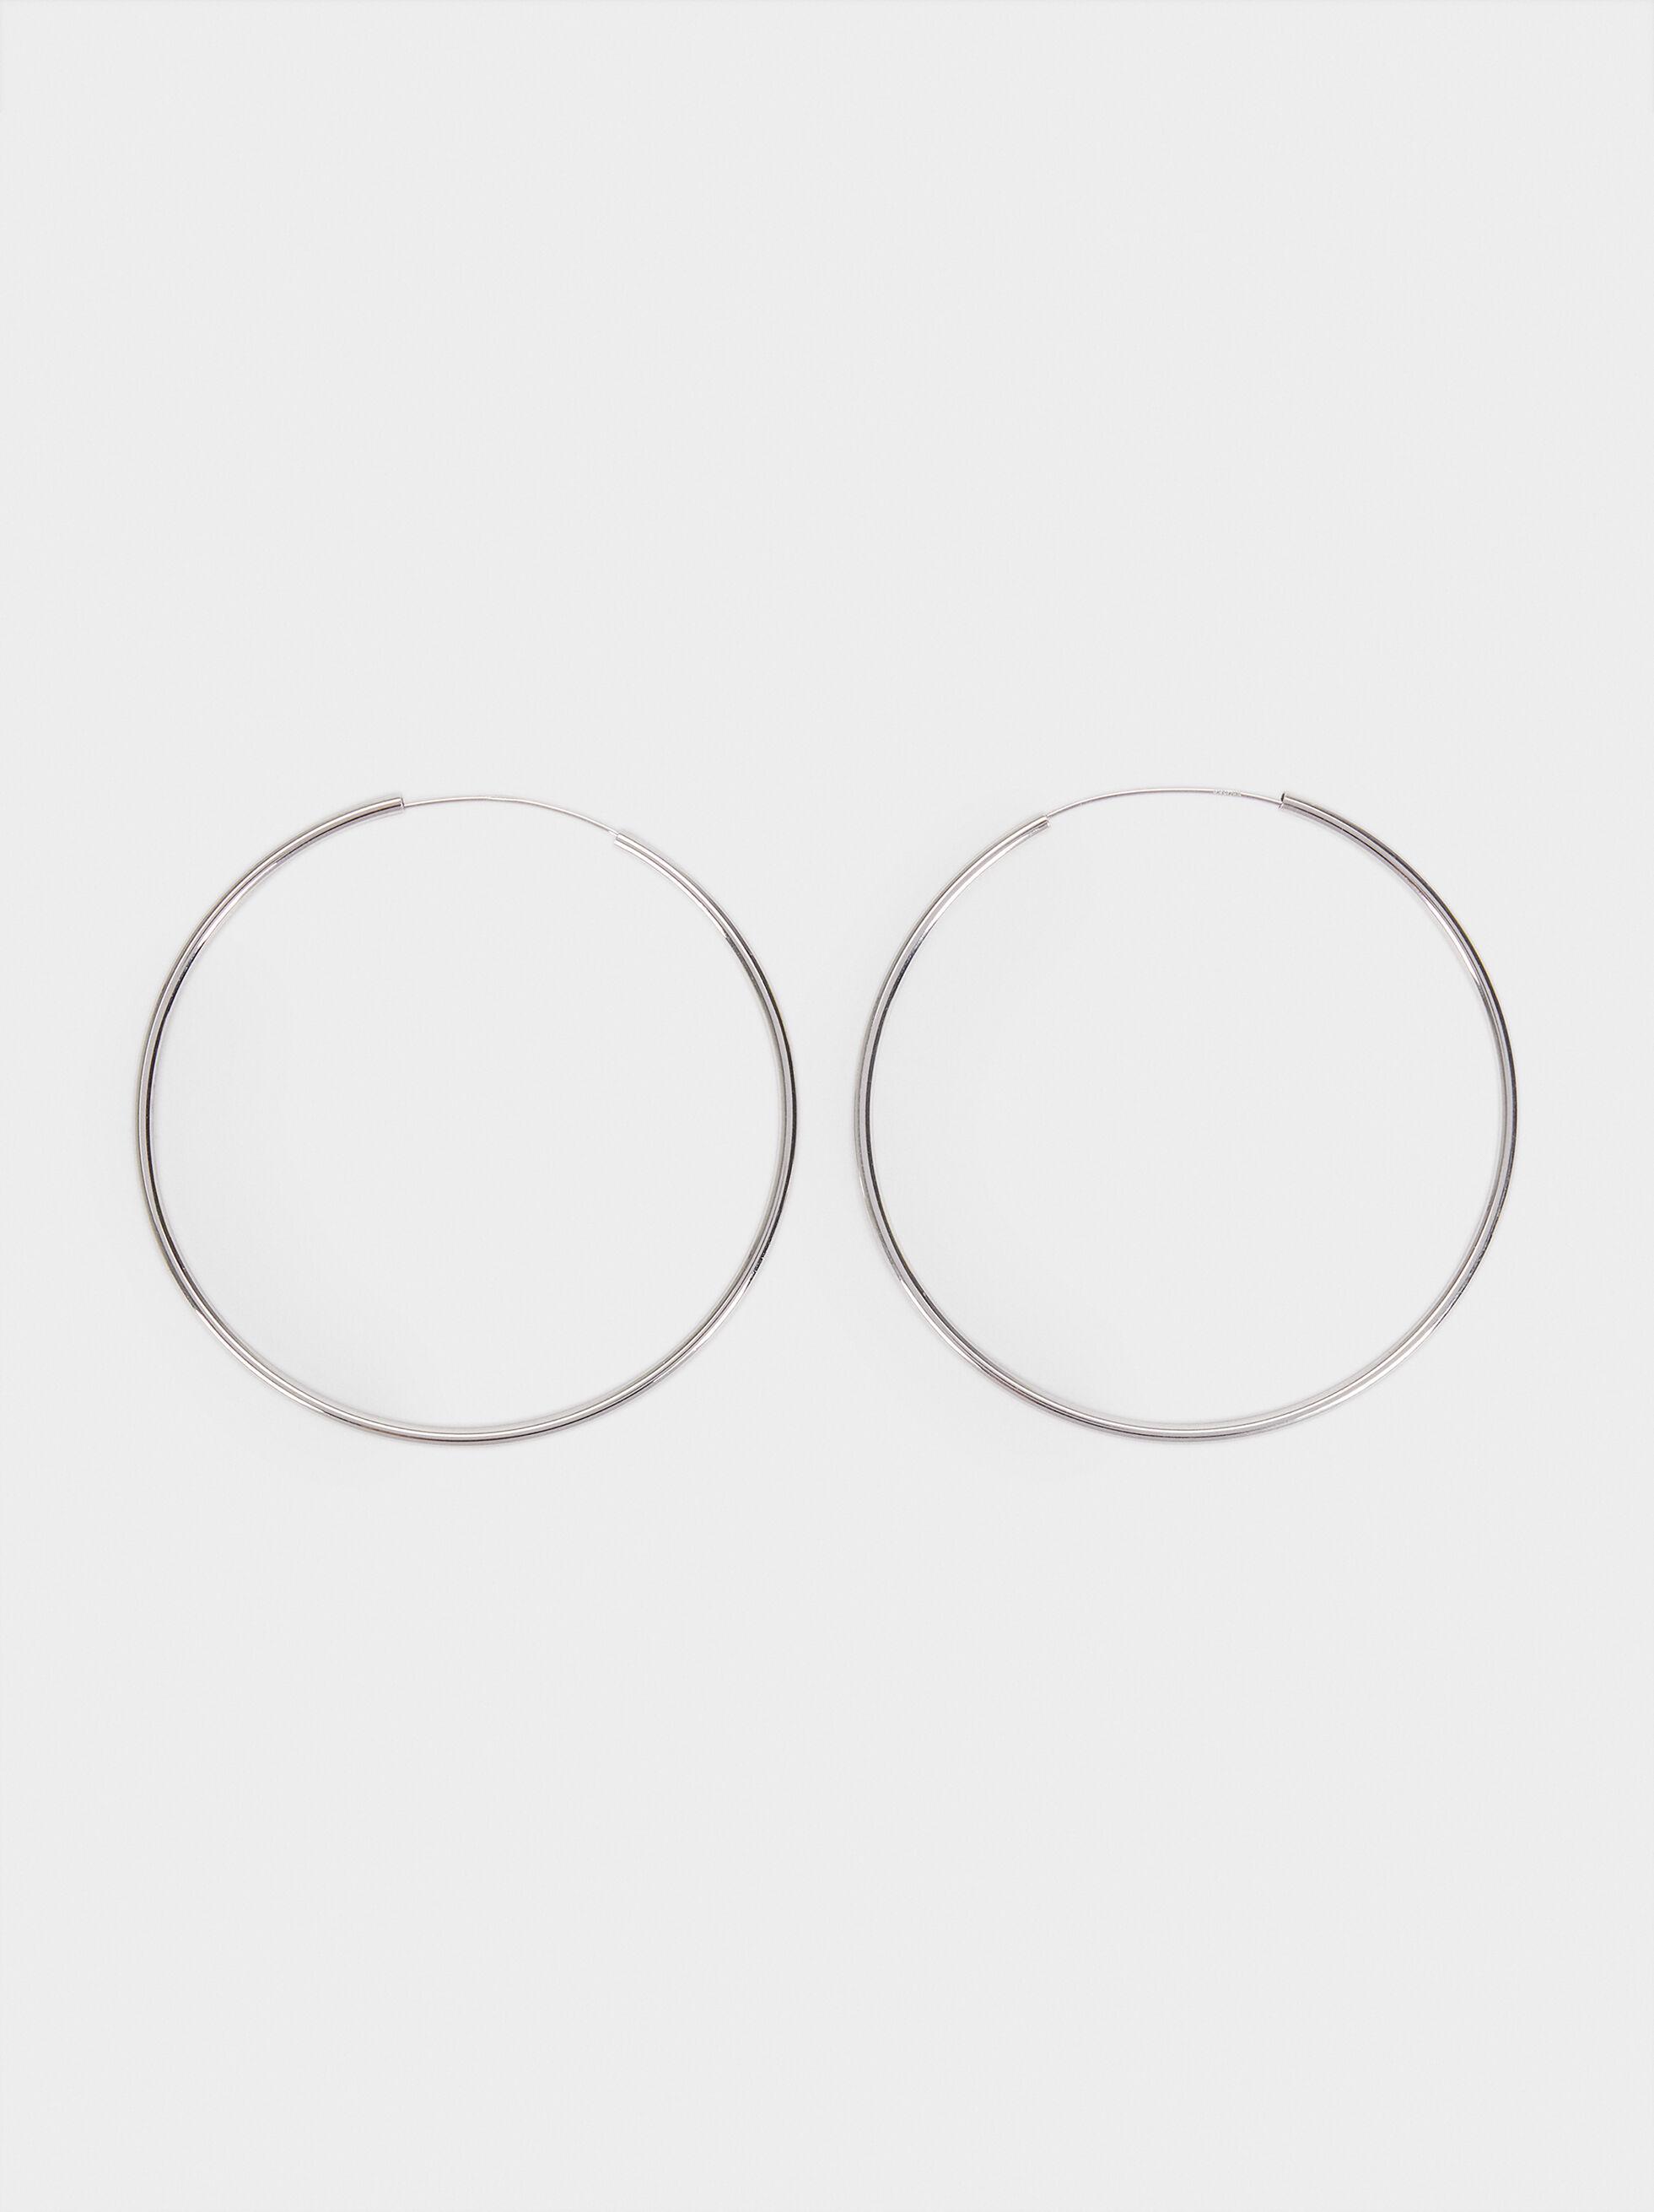 Basic 925 Silver Large Hoop Earrings, Silver, hi-res